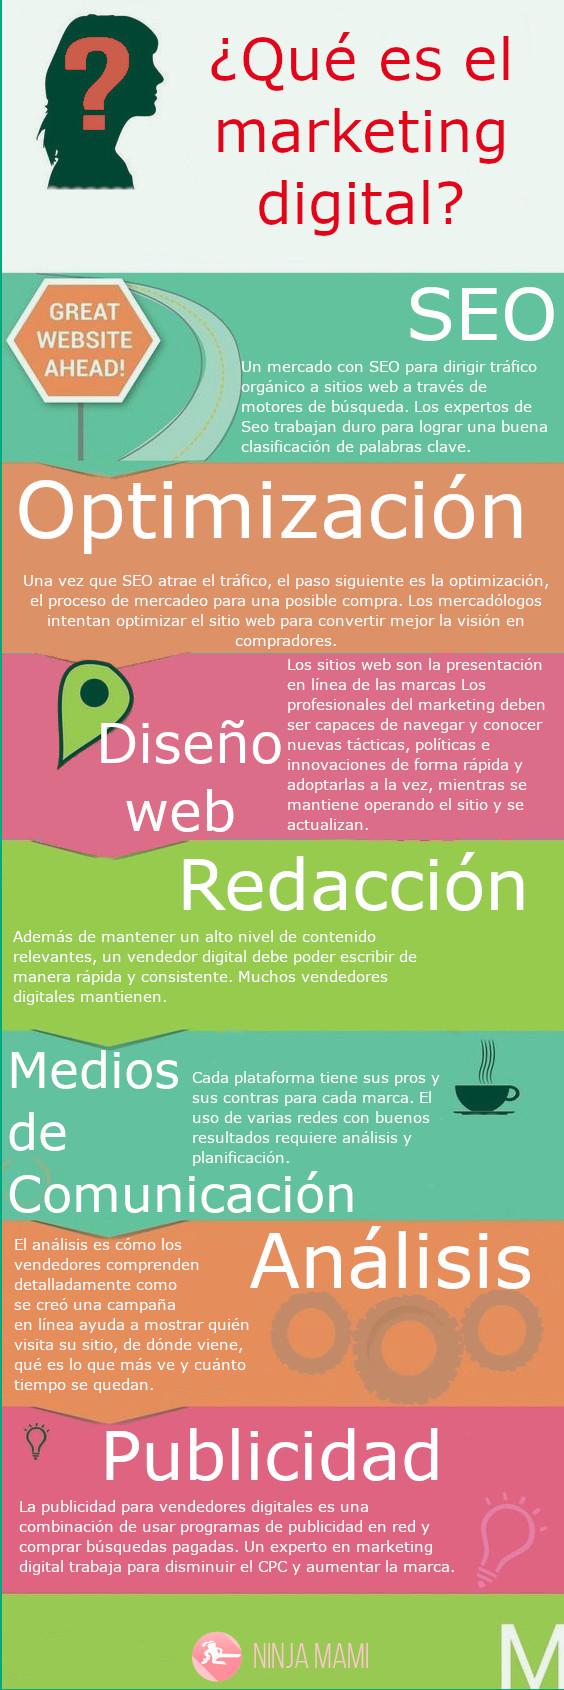 Infografía Qué es el marketing digital